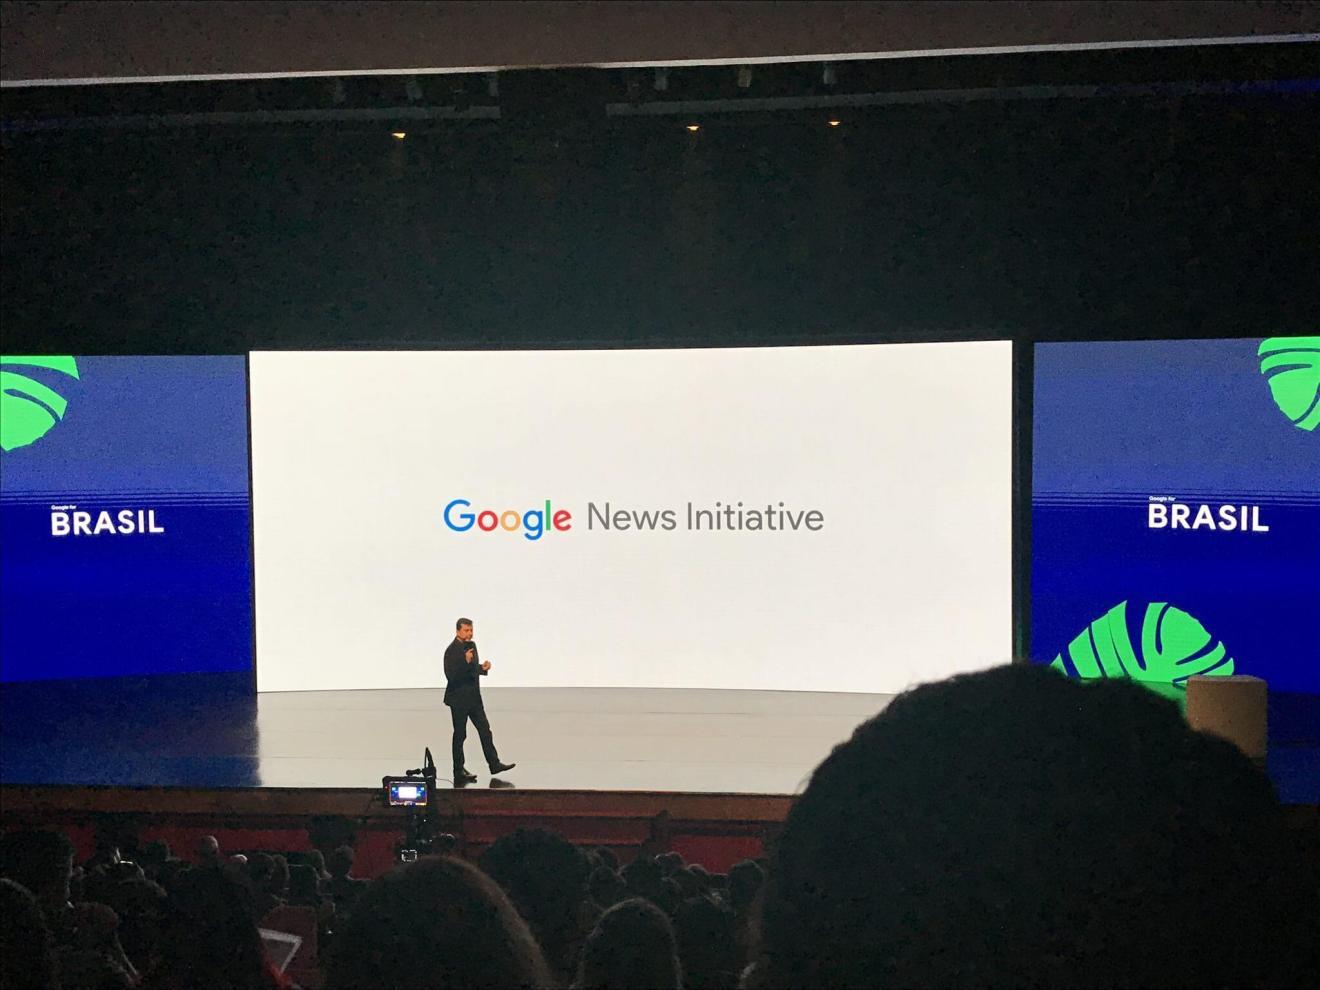 Google News - Google For Brasil